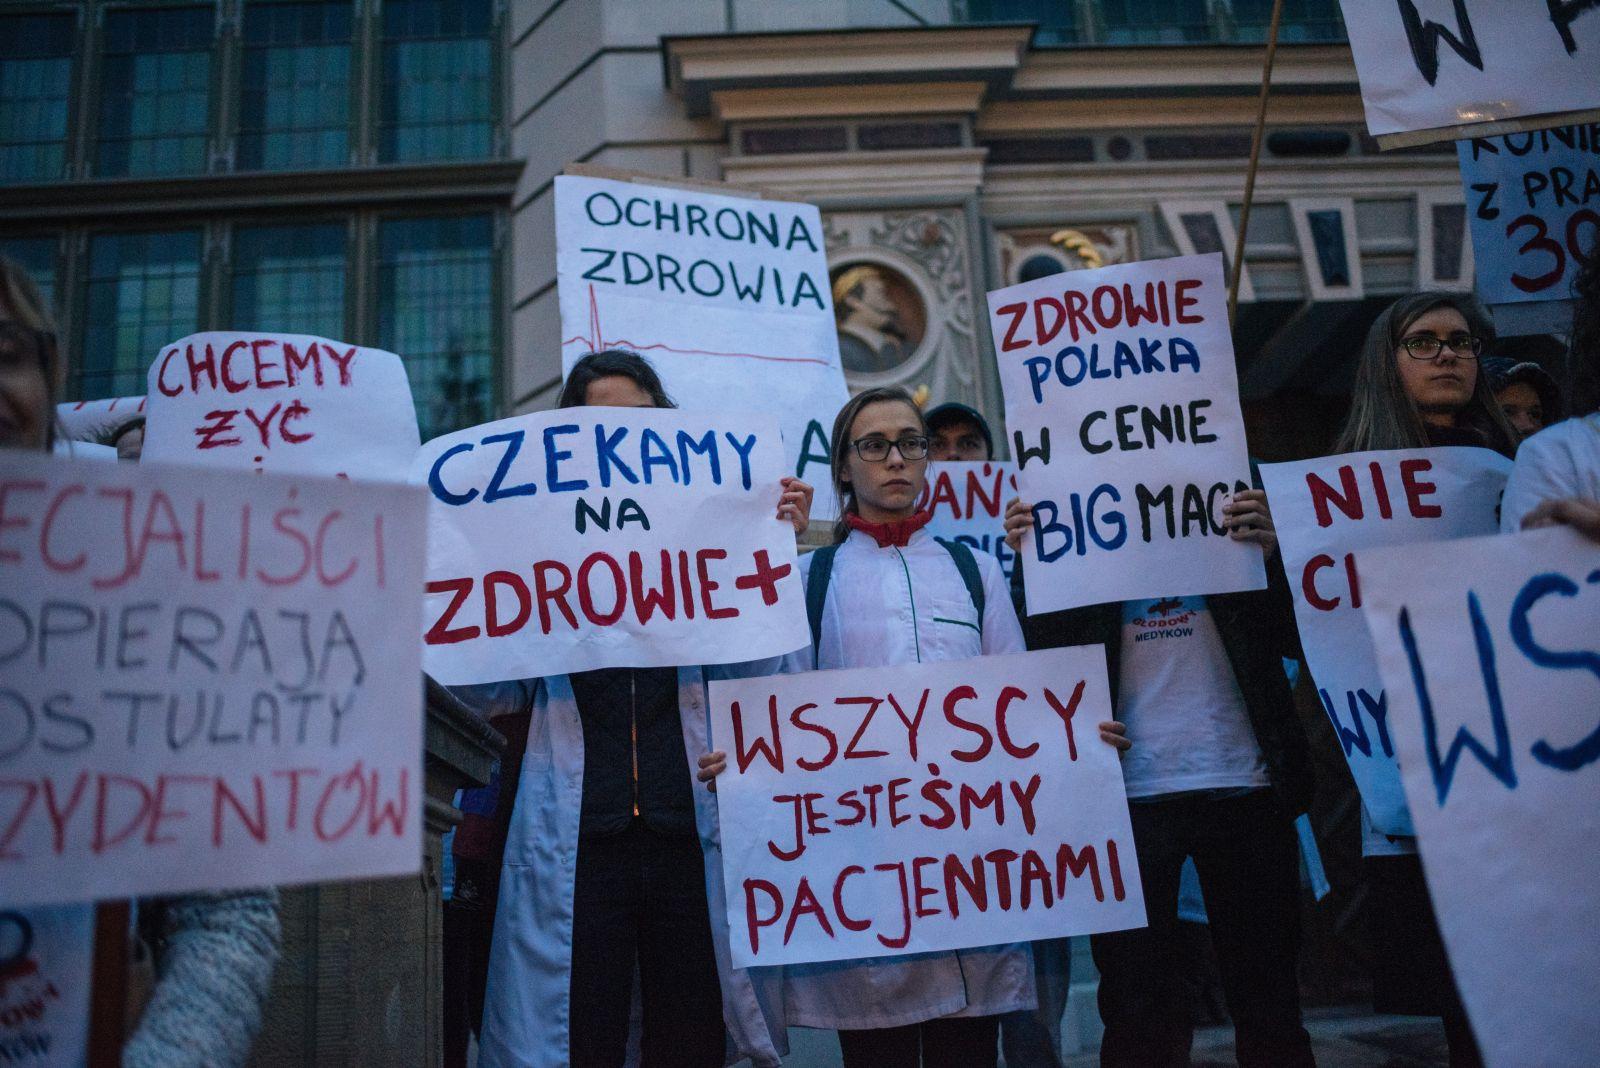 26.10.2017 Gdansk . Trwa juz 5 dzien protestu glodowego lekarzy w Gdansku . W ramach poparcia dla glodujacych lekarzy , zorganizowano marsz poparcia dla protestujacych , ktory rozpoczal sie na Uniwersytecie Medycznym . Nastepnie protestujacy w mileczniu przeszli pod Pomnik Poleglych Stoczniowcow , gdzie przedstawili postulaty i udali sie na Dlugi Targ pod pomnik Neptuna .fot . Bartosz Banka / Agencja Gazeta